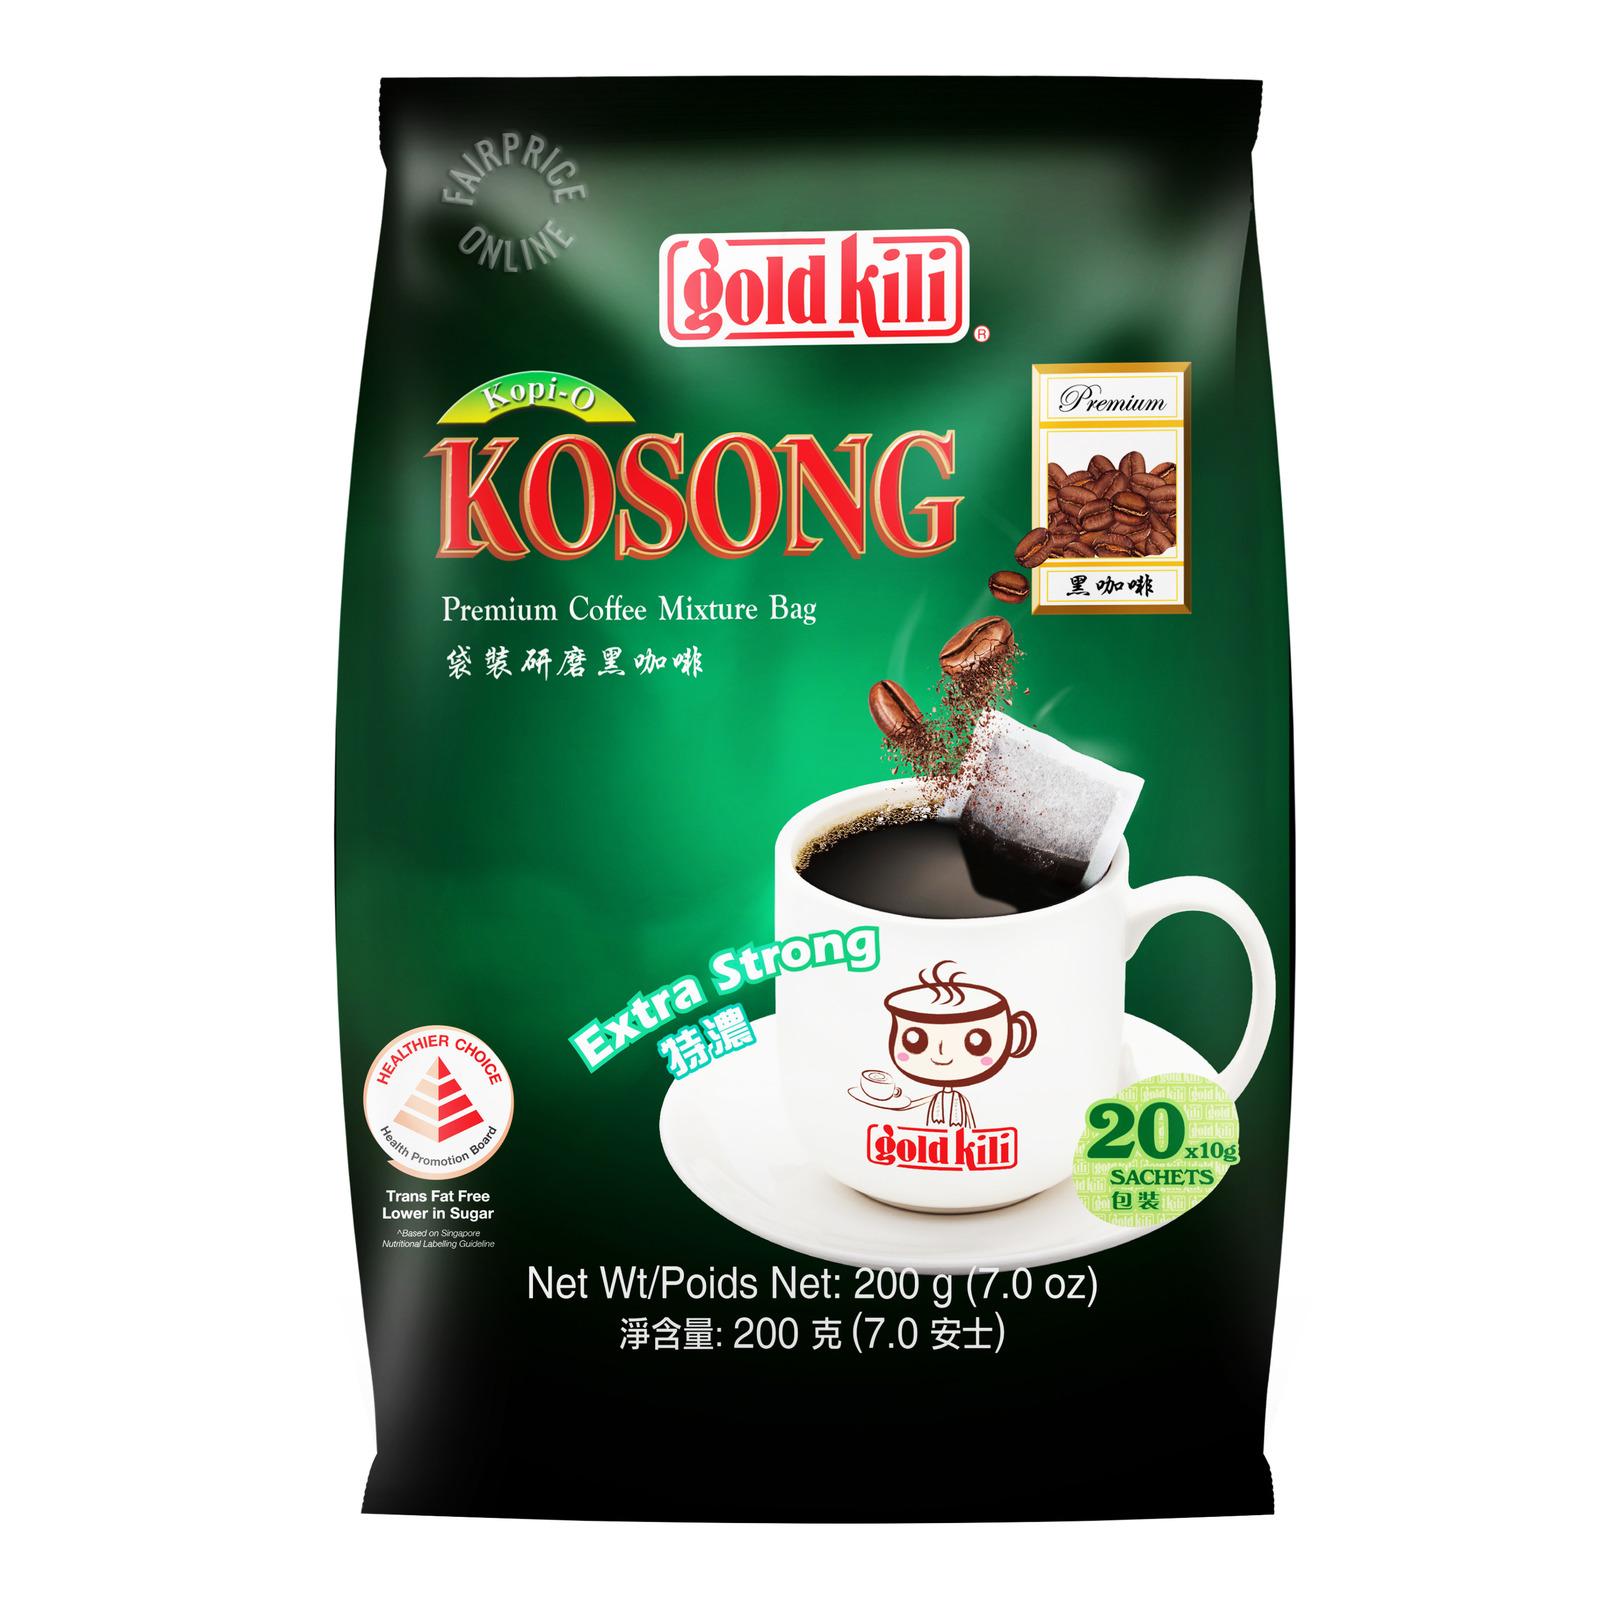 Gold Kili Kopi O Kosong - Extra Strong (No Cane Sugar Added)